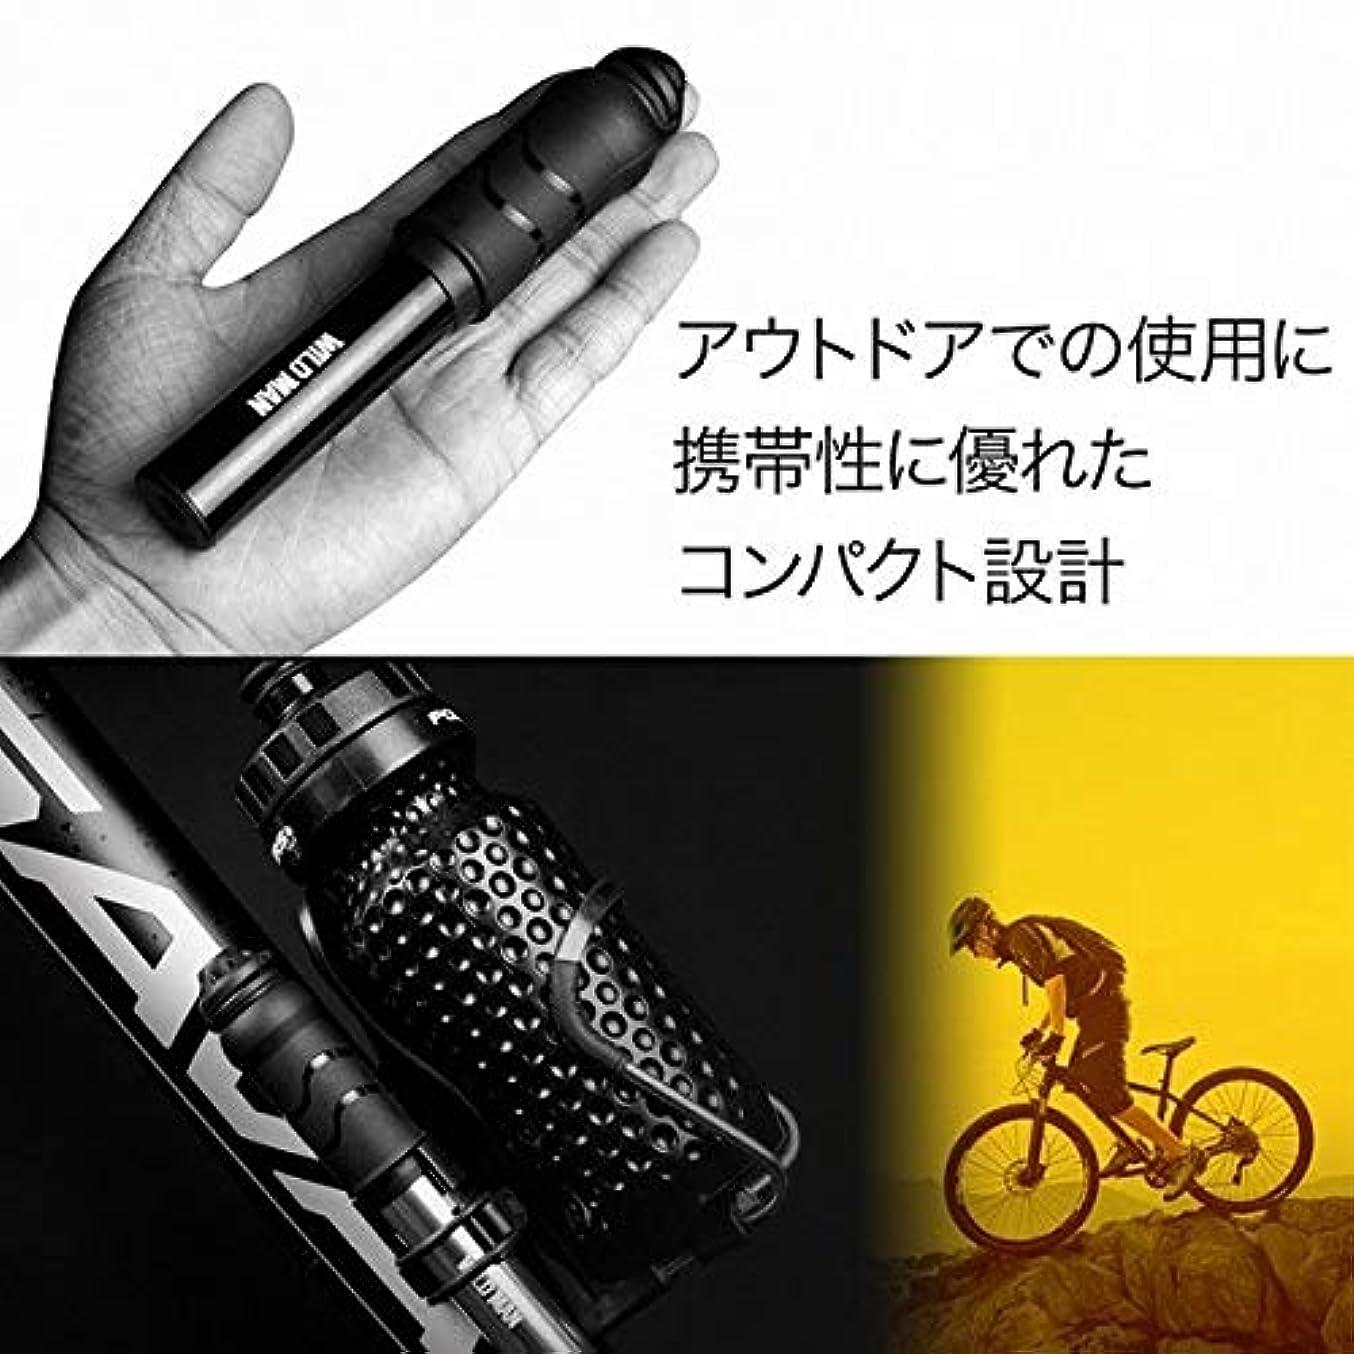 ドックリーンパキスタンロードバイク 空気入れ 携帯 仏式 米式 自転車 ミニポンプ